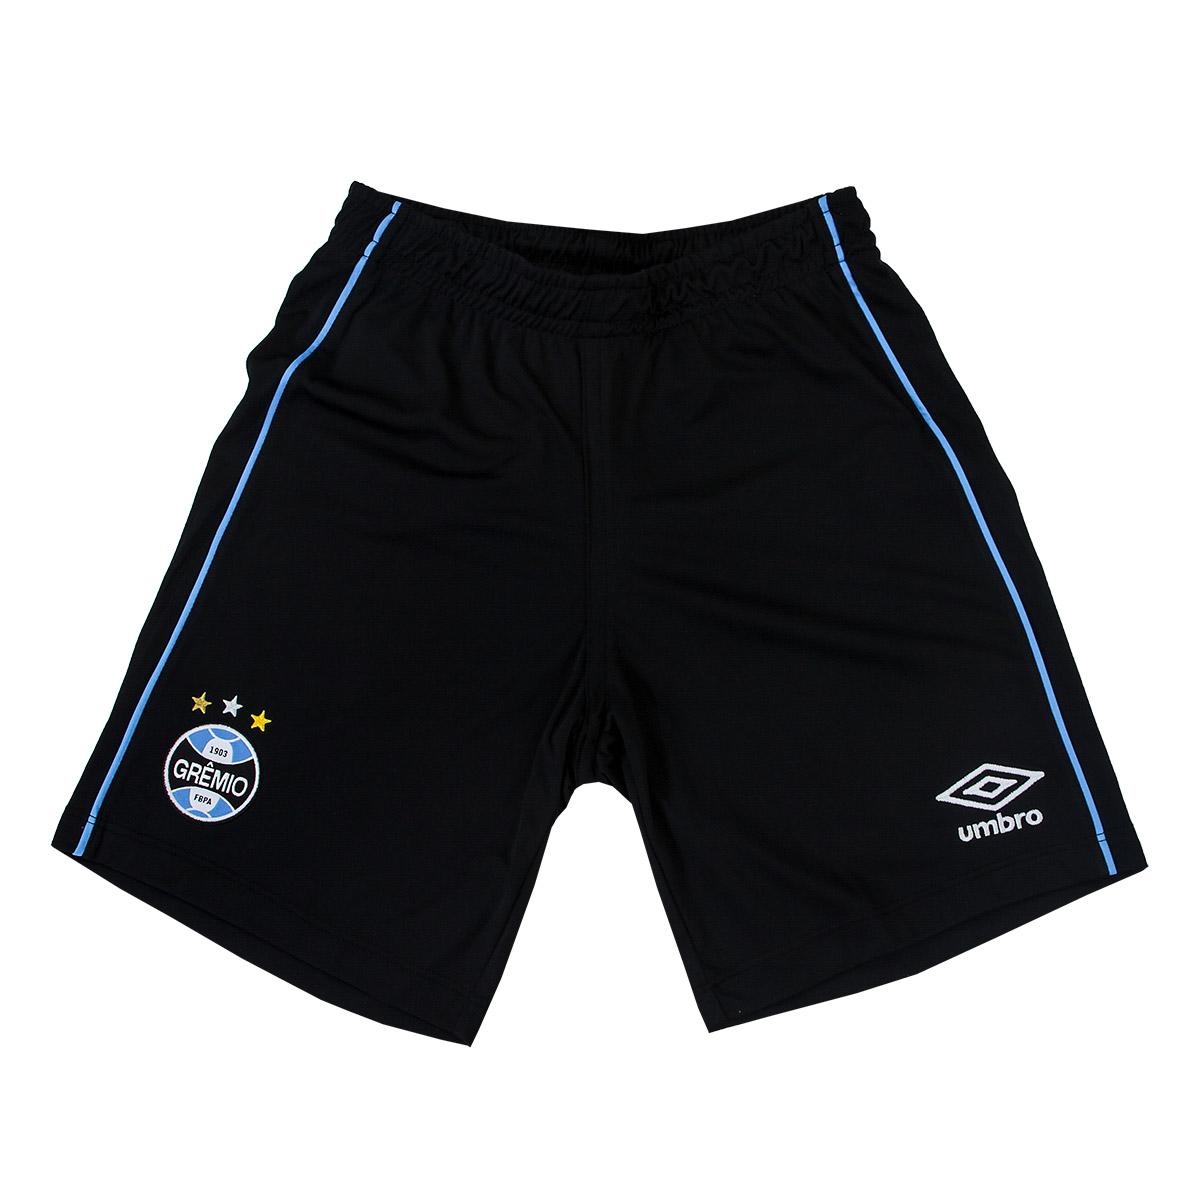 Calção Juvenil Umbro Gremio Of.1 2018 Futebol - Preto/Azul